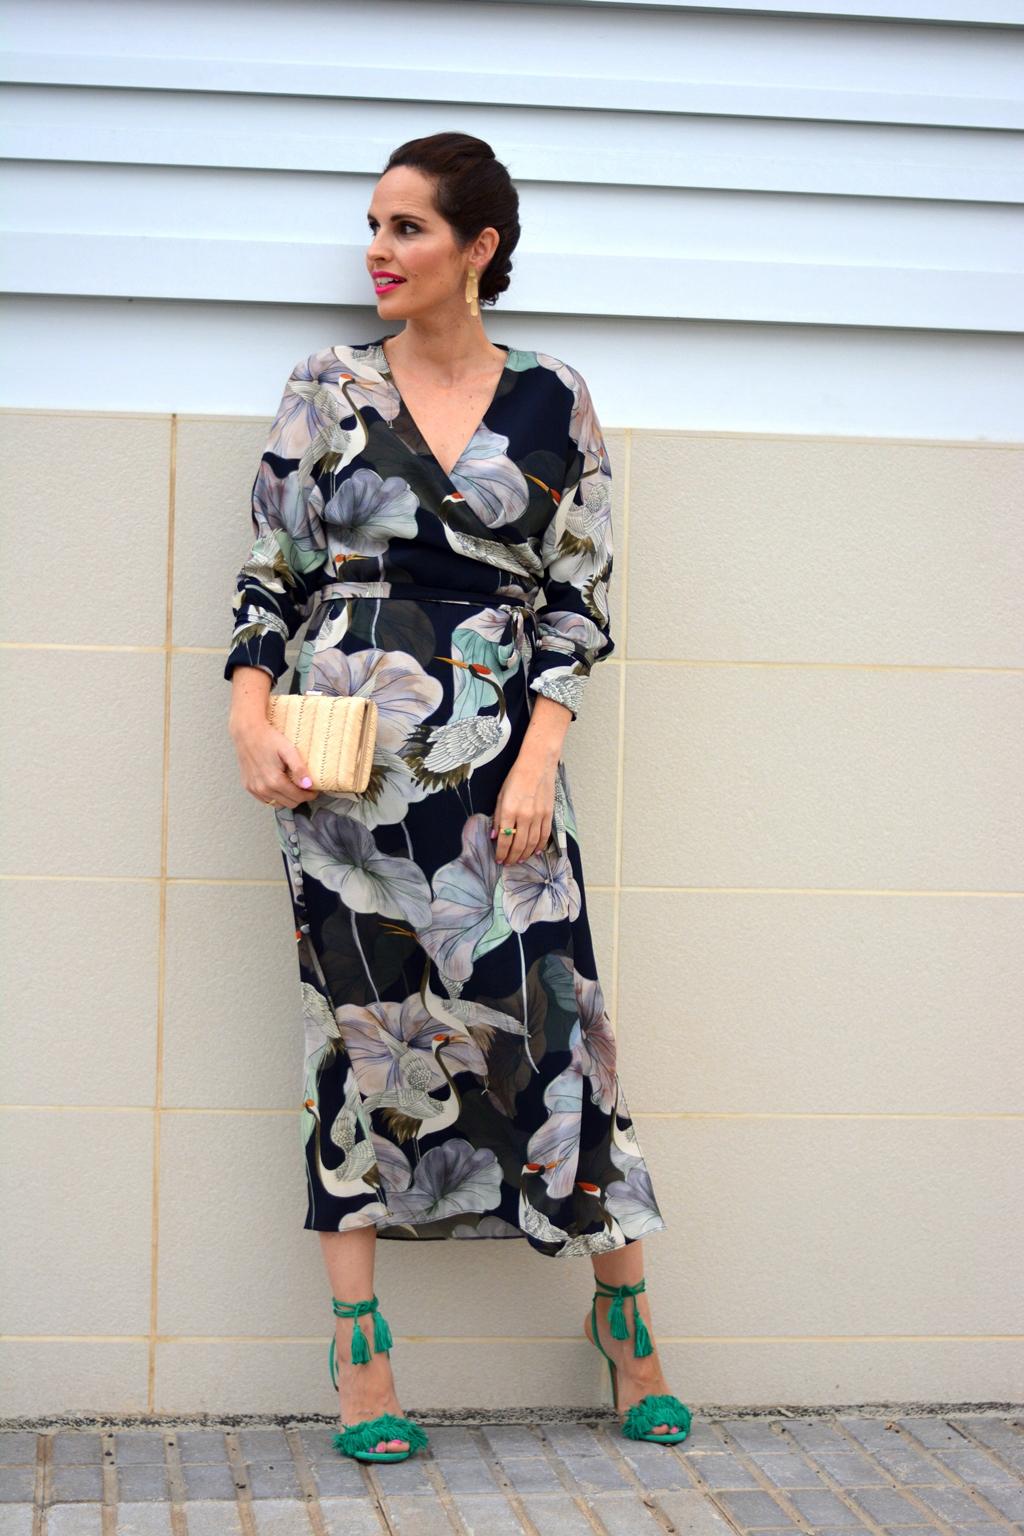 zara-kimono-dress-outfit-streetstyle